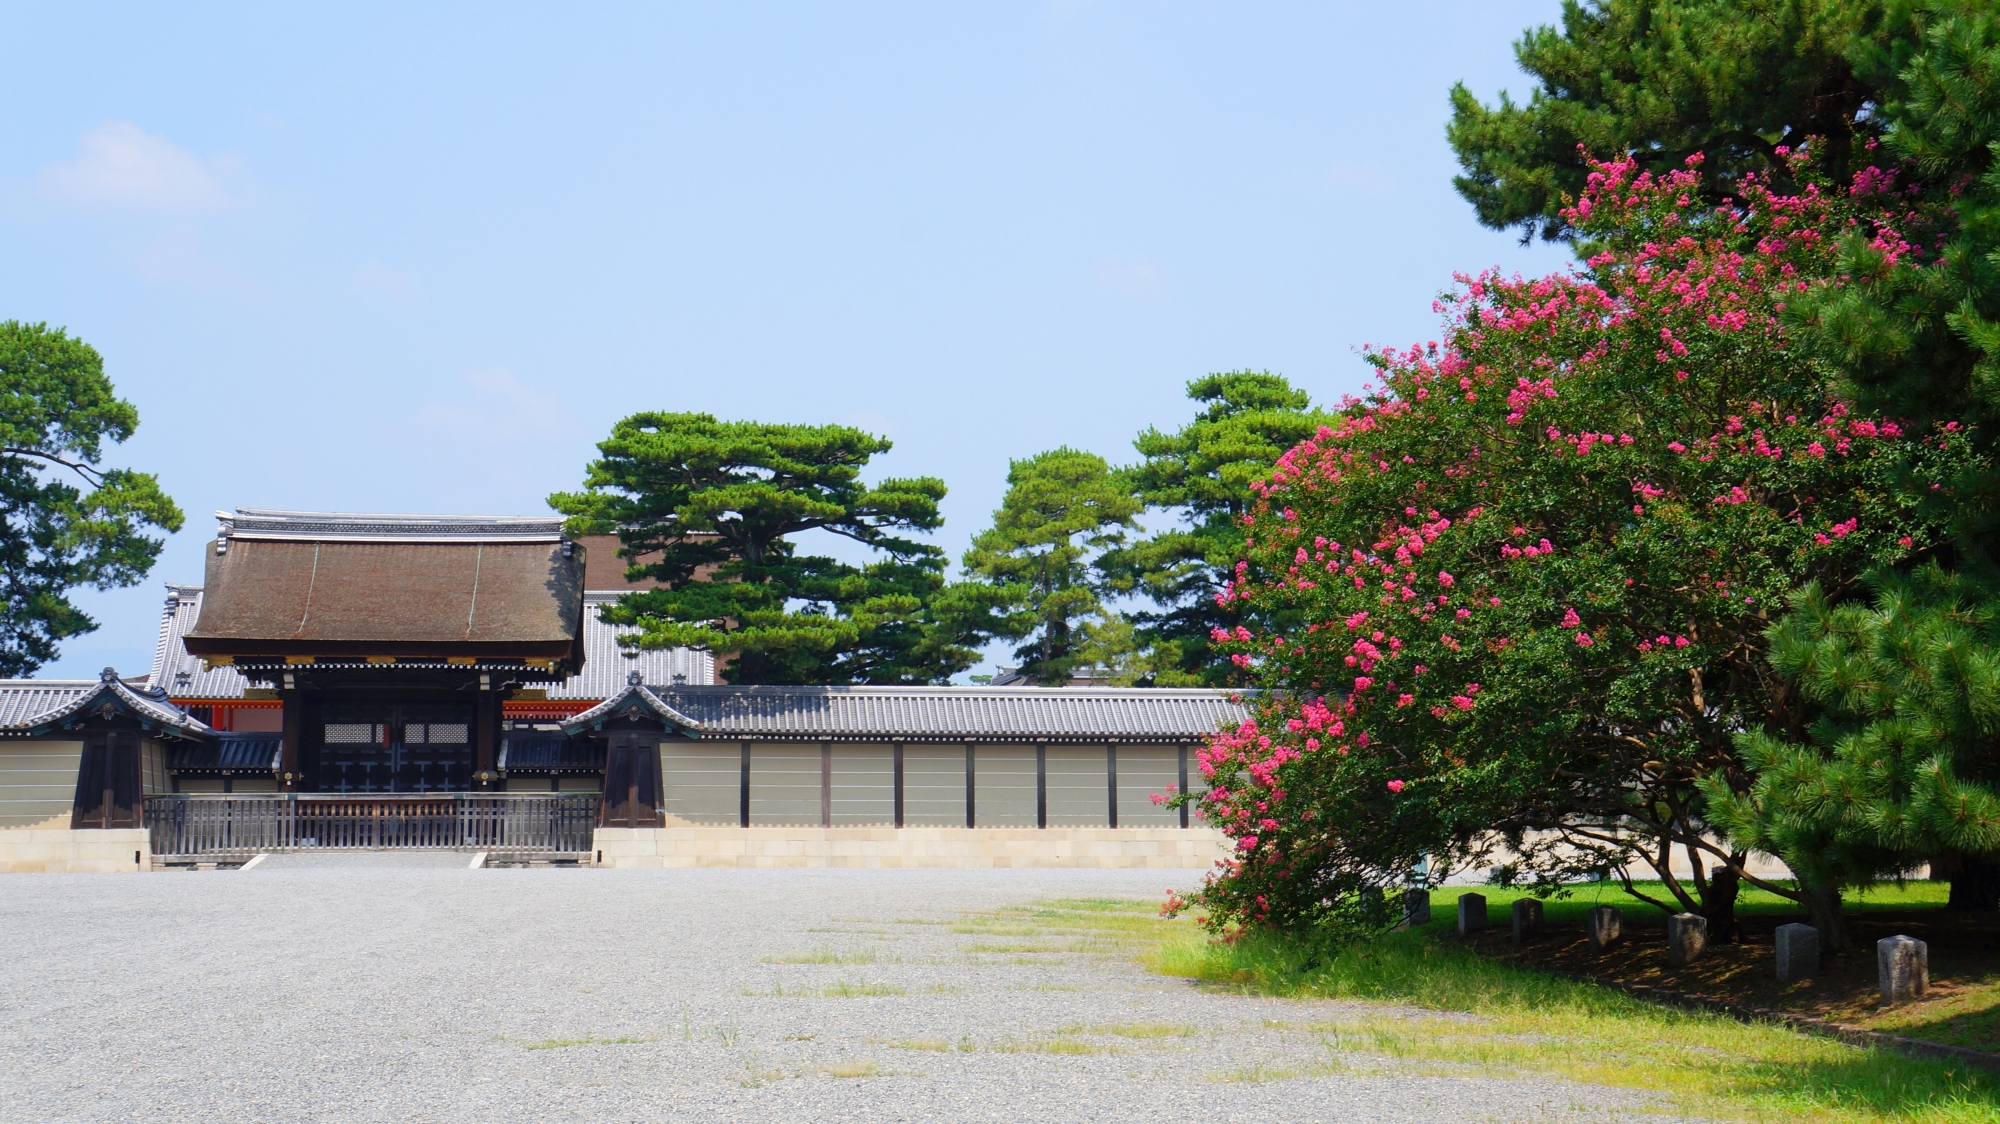 京都御所の建礼門前の鮮やかな百日紅(サルスベリ)